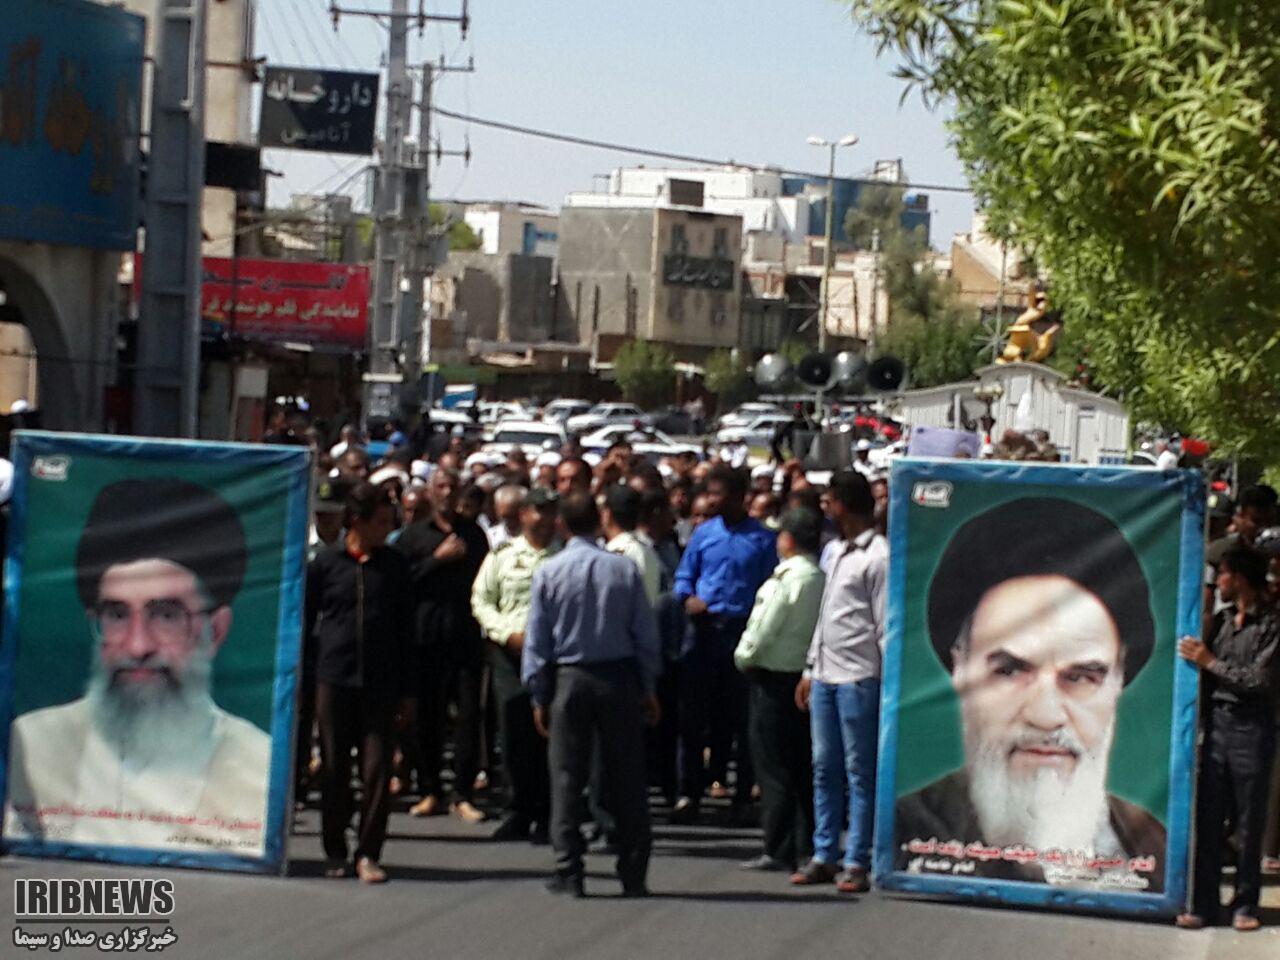 لغو تظاهرات روز جمعه علیه اغتشاشگران